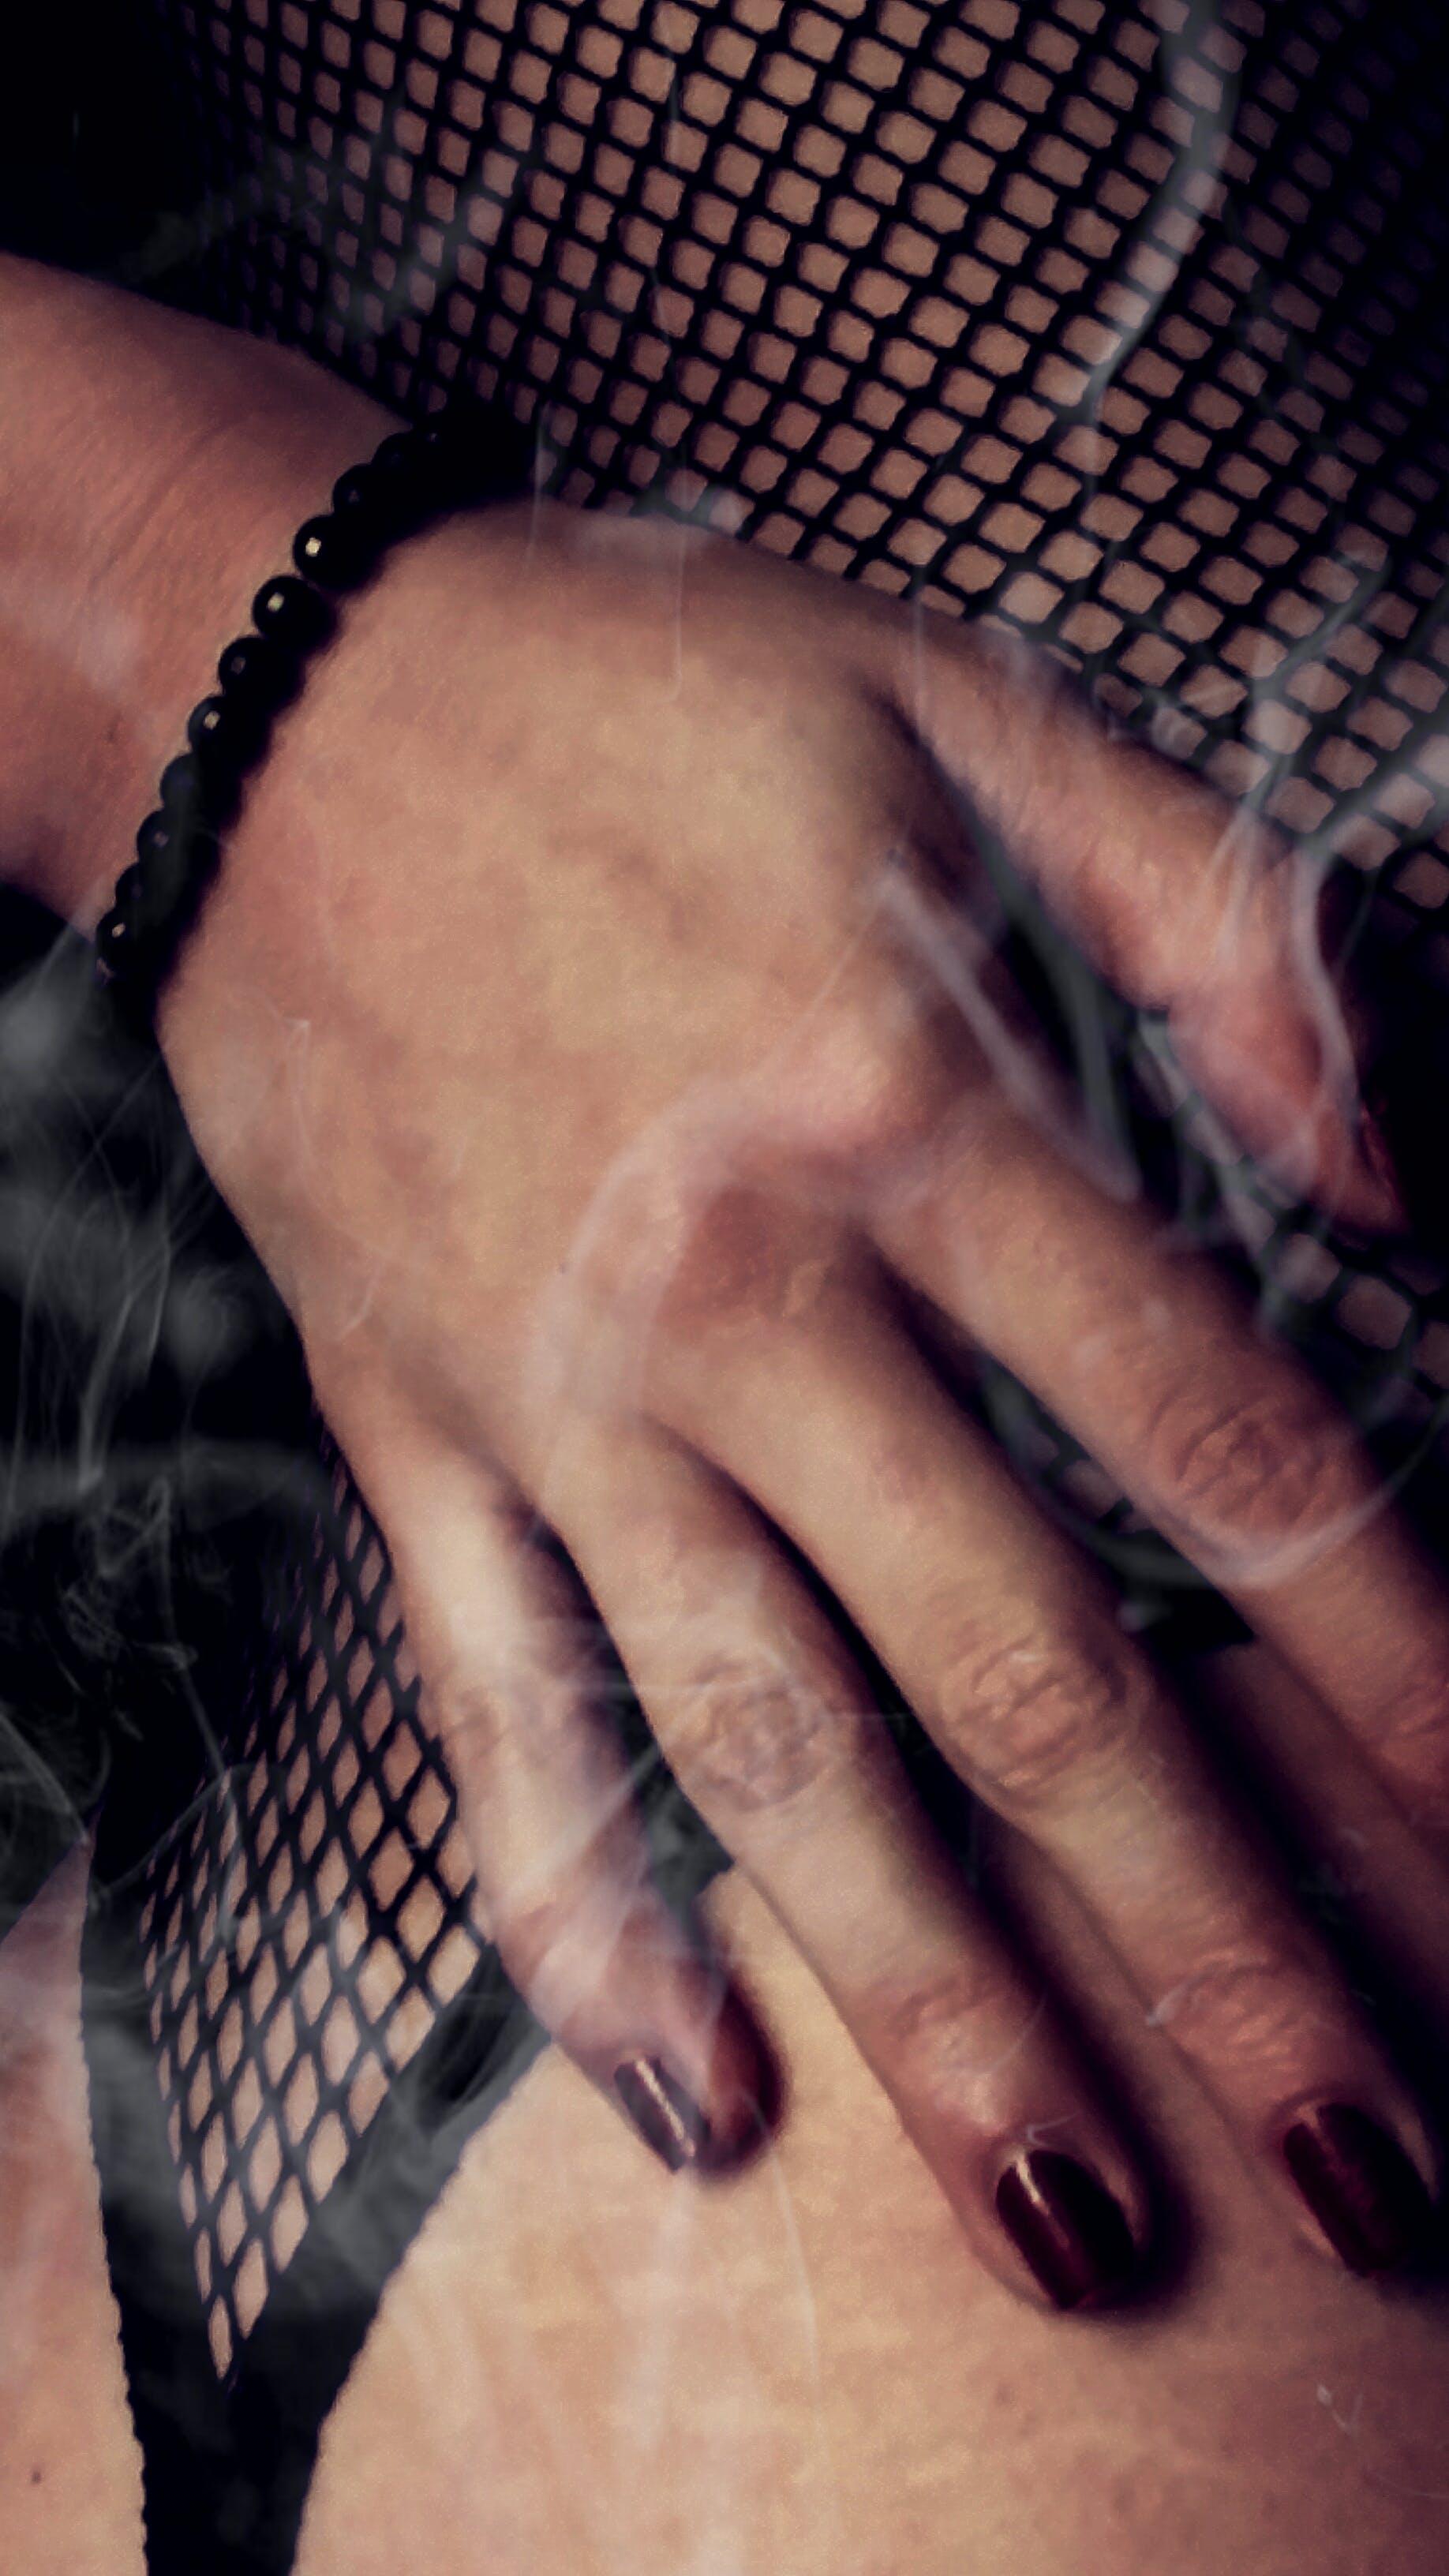 Základová fotografie zdarma na téma #desire #touch